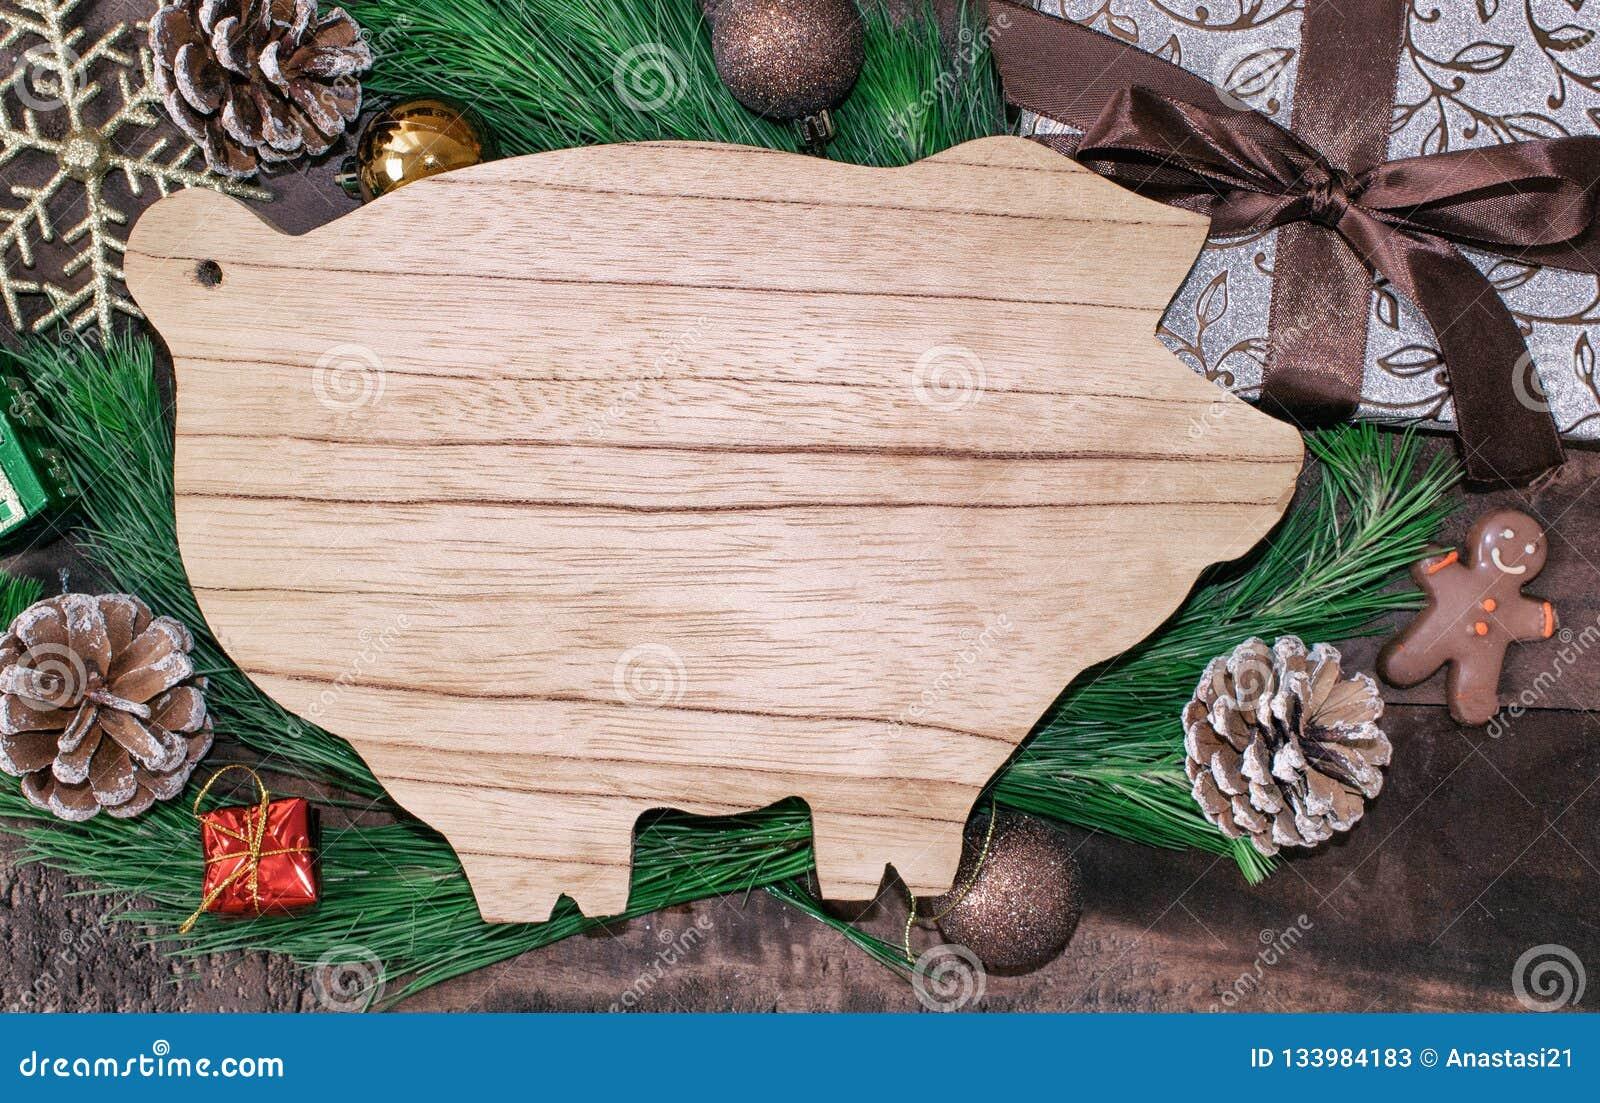 Подготовки рождества, разделочная доска в форме свиней, ветви ели, конусы и украшения Новый Год свиньи на китайце